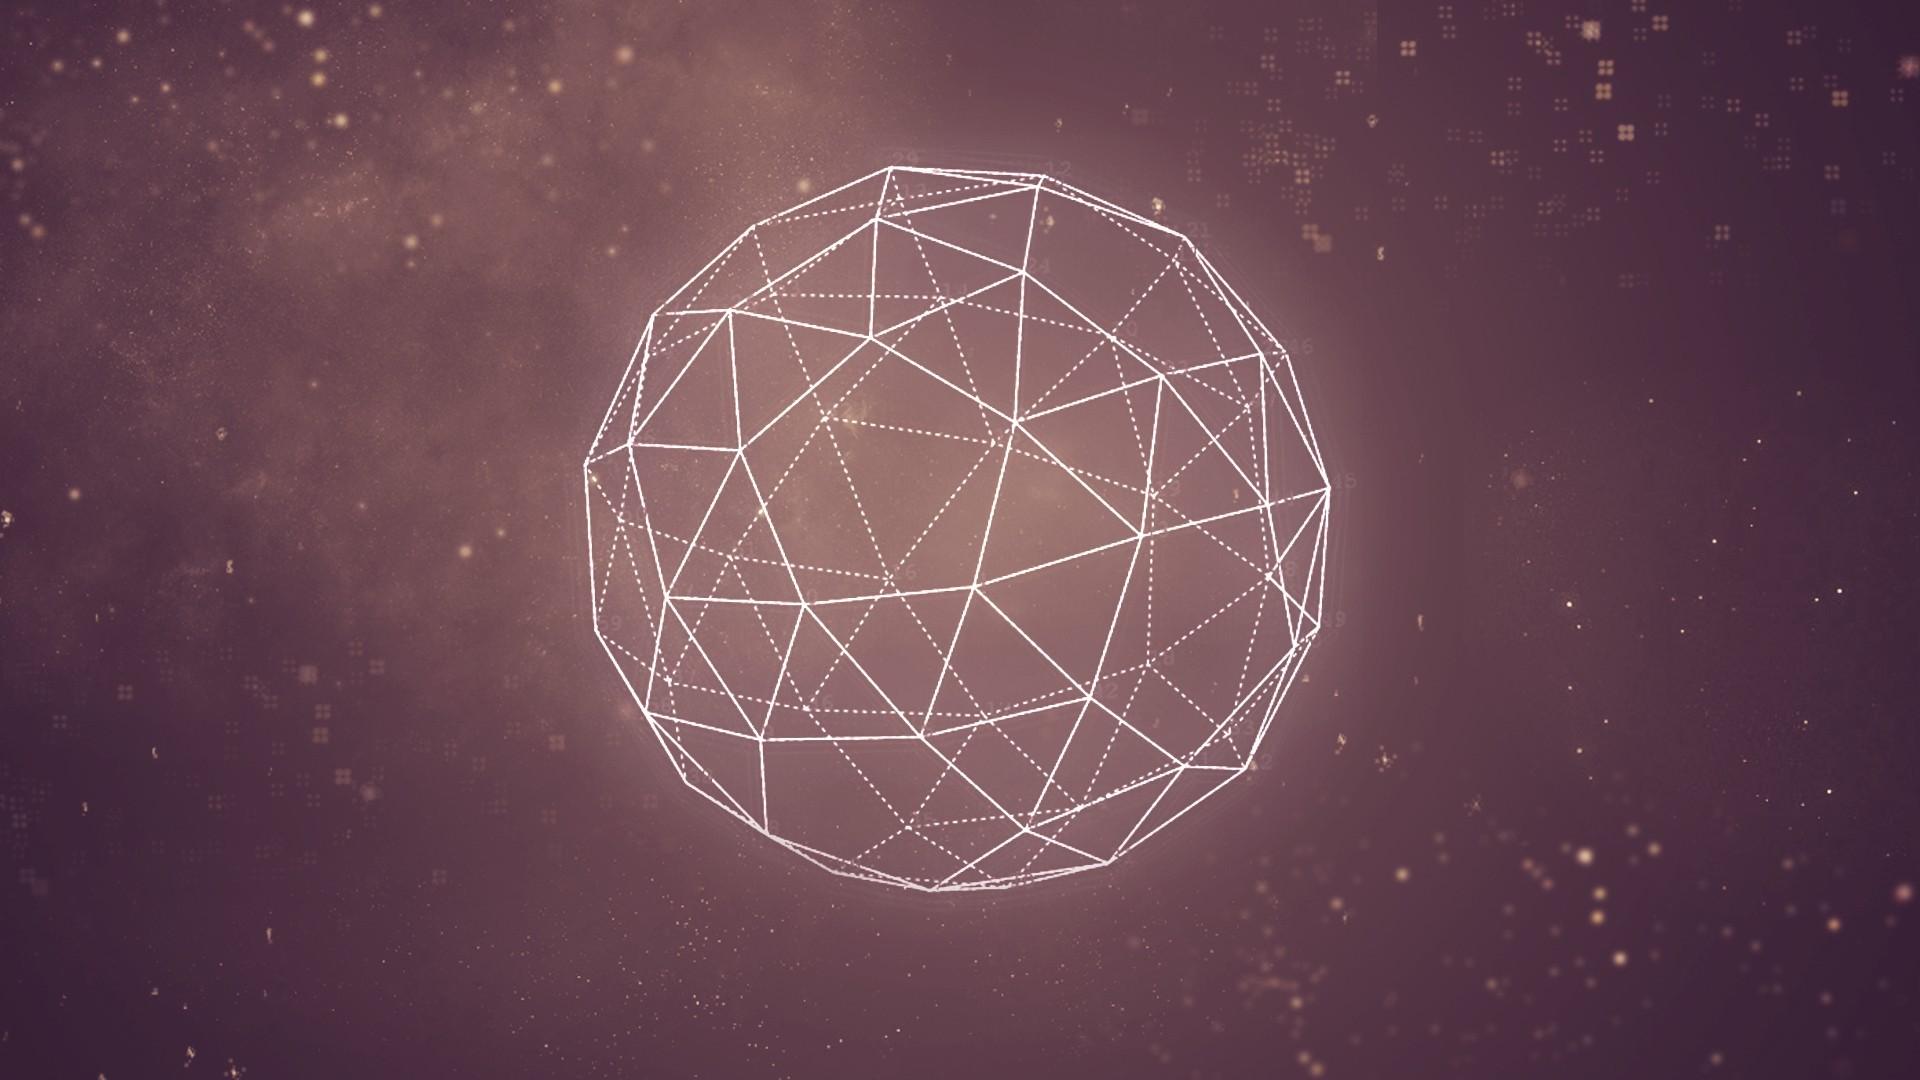 Sacred Geometry Desktop Wallpaper - WallpaperSafari